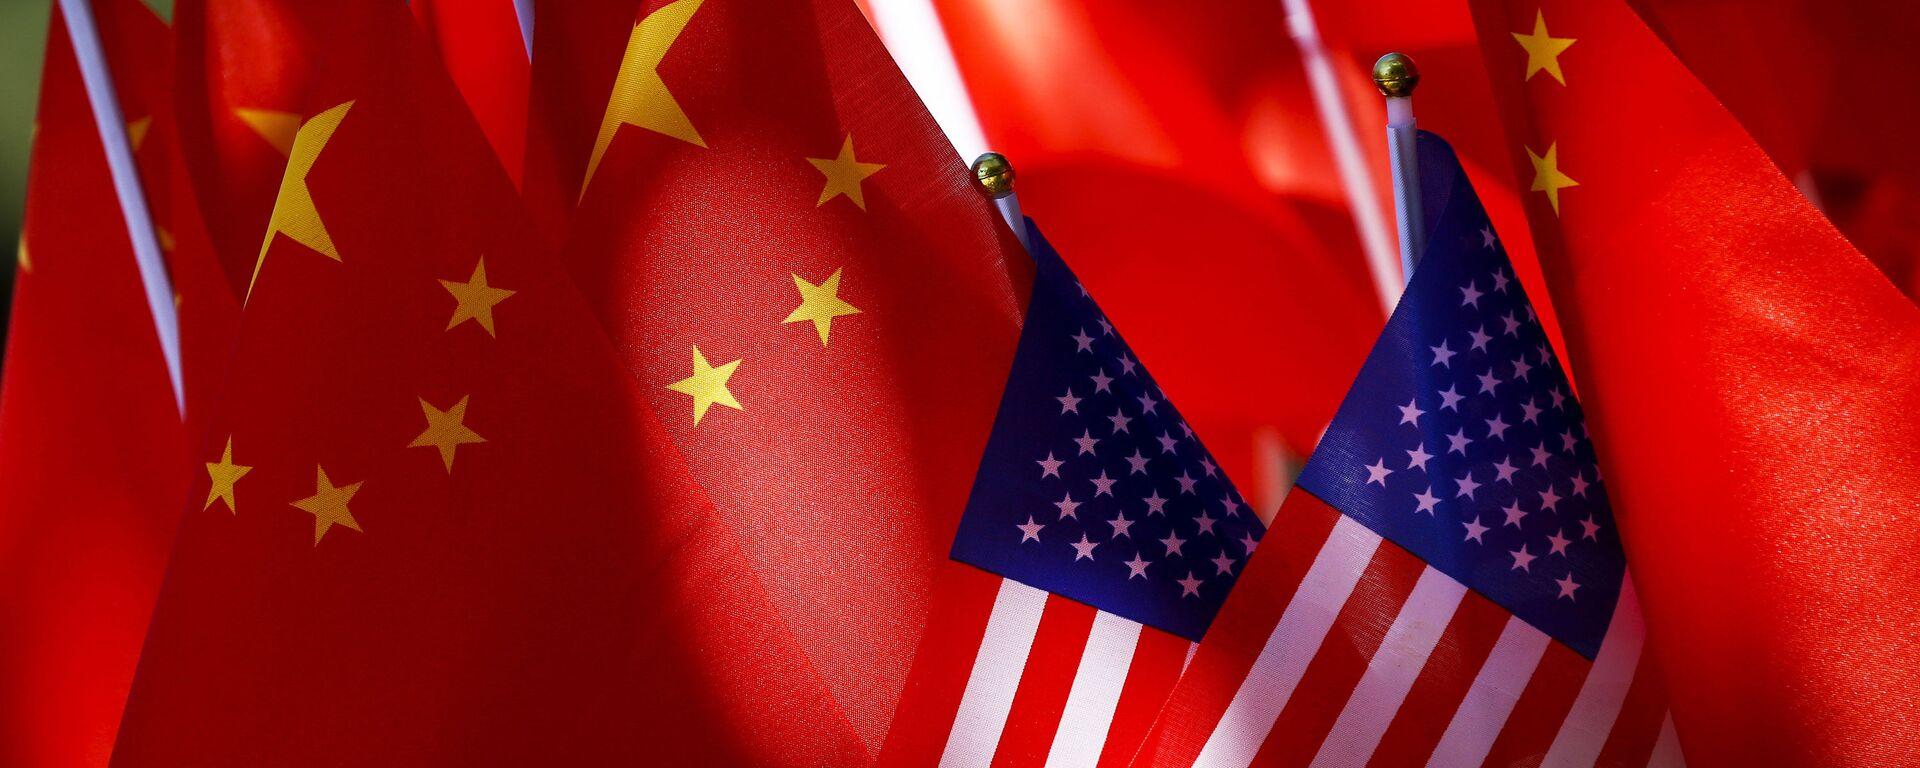 Banderas de EEUU y China - Sputnik Mundo, 1920, 17.09.2021